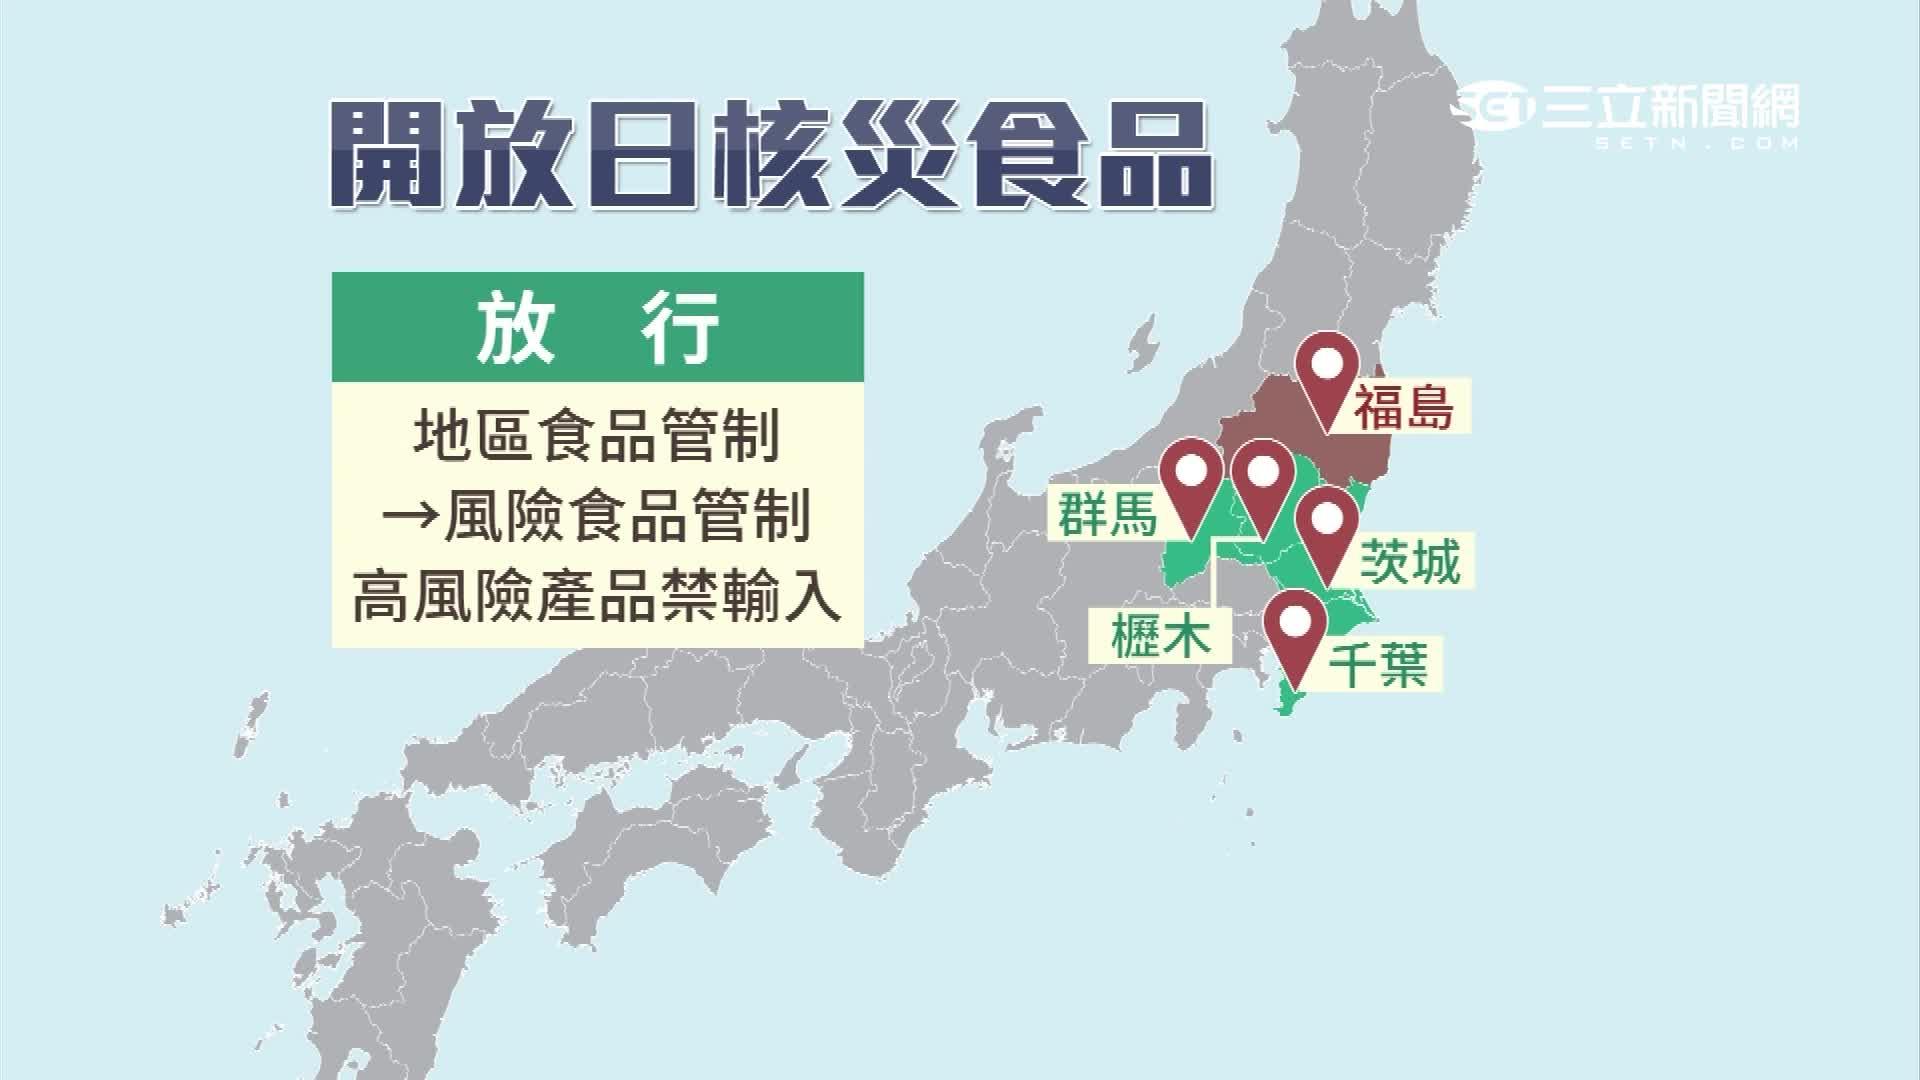 臺灣已經忍很久!日本福島核災食品 哪些國家早就開放?   生活   三立新聞網 SETN.COM